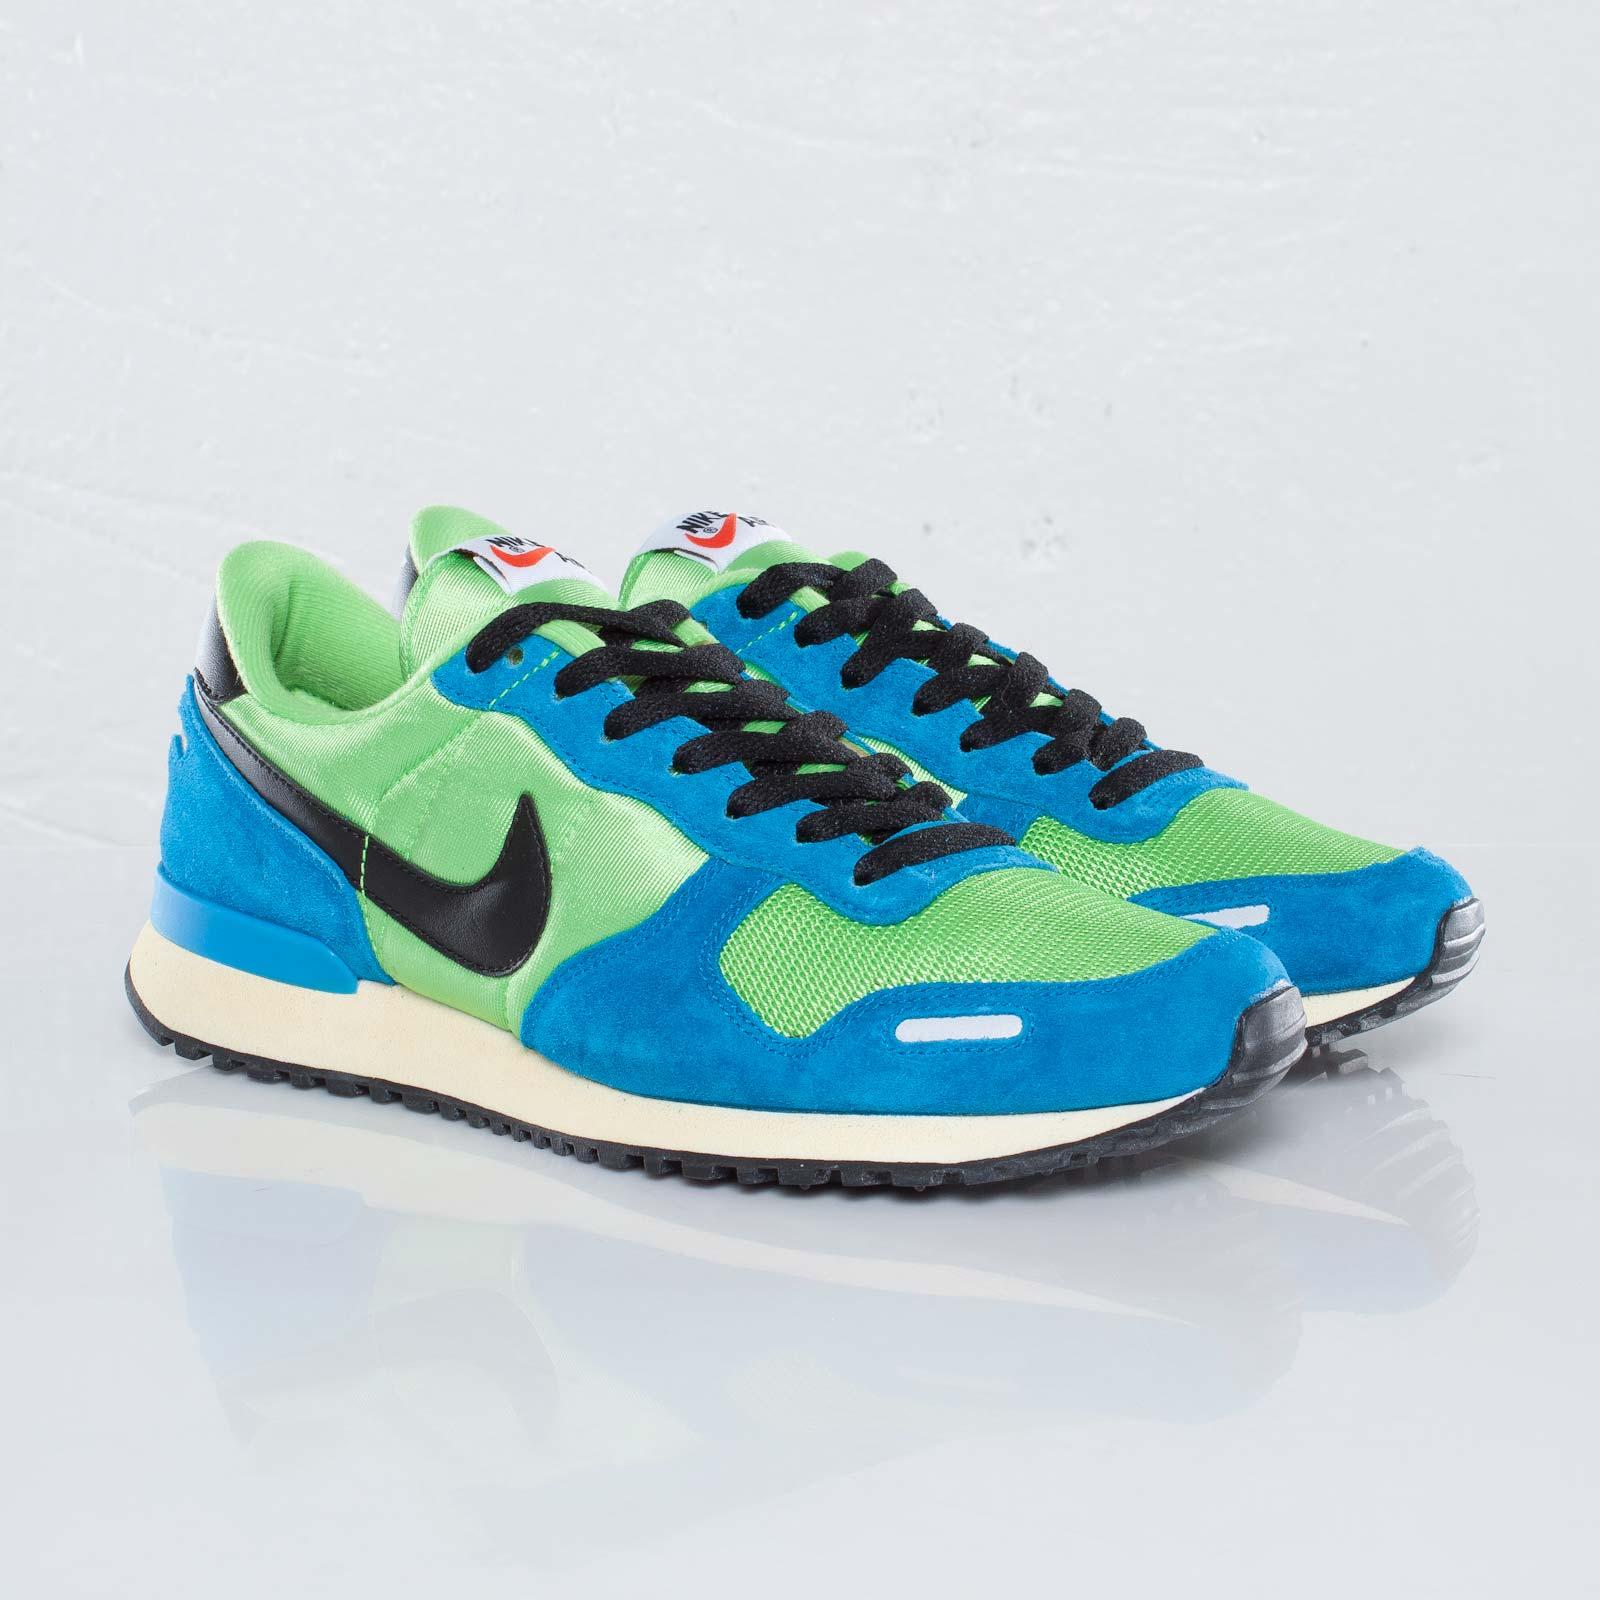 low priced 81ca6 8ba8c ... Nike Air Vortex Vintage ...